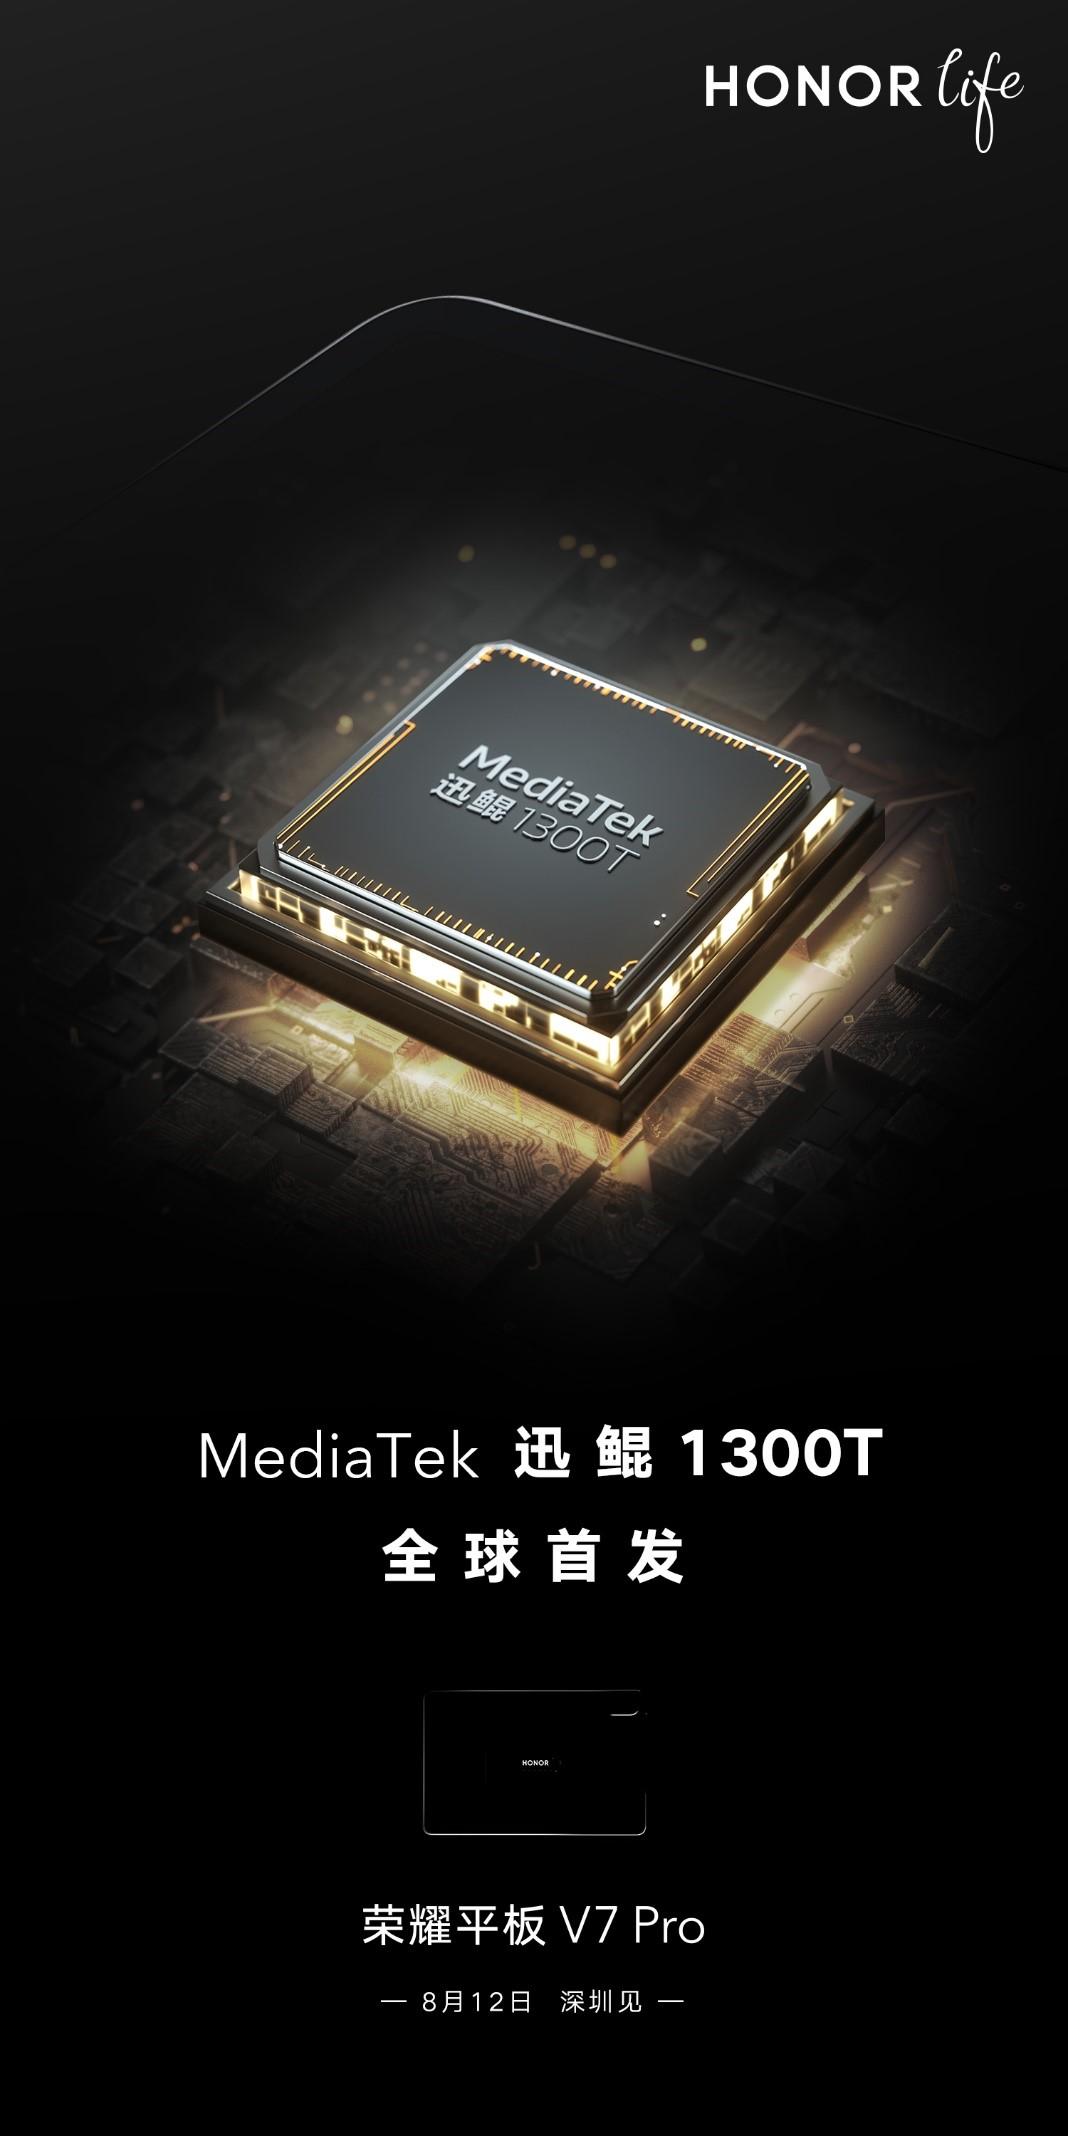 荣耀平板V7 Pro确认搭载旗舰芯片迅鲲1300T (2).jpg